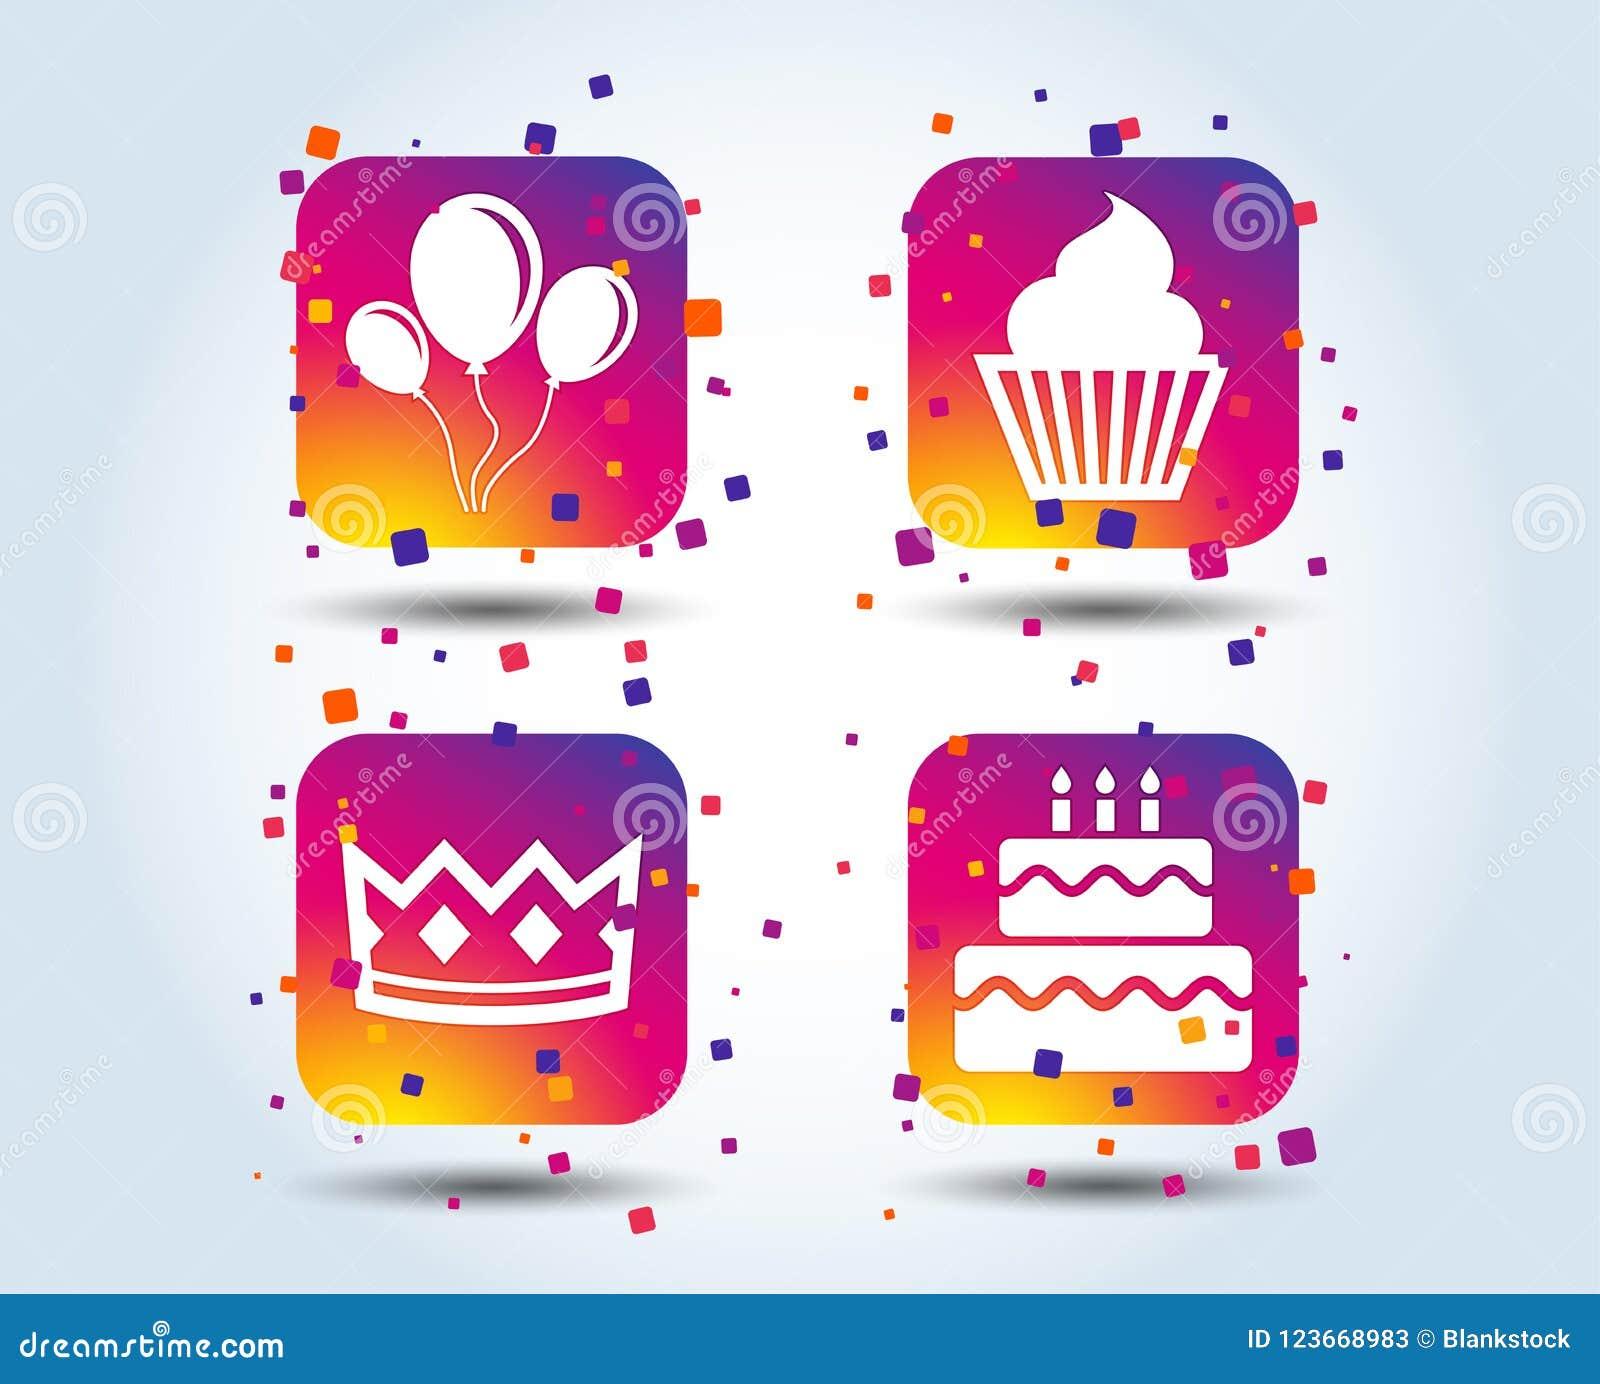 Εικονίδια γιορτής γενεθλίων Κέικ και cupcake σύμβολο